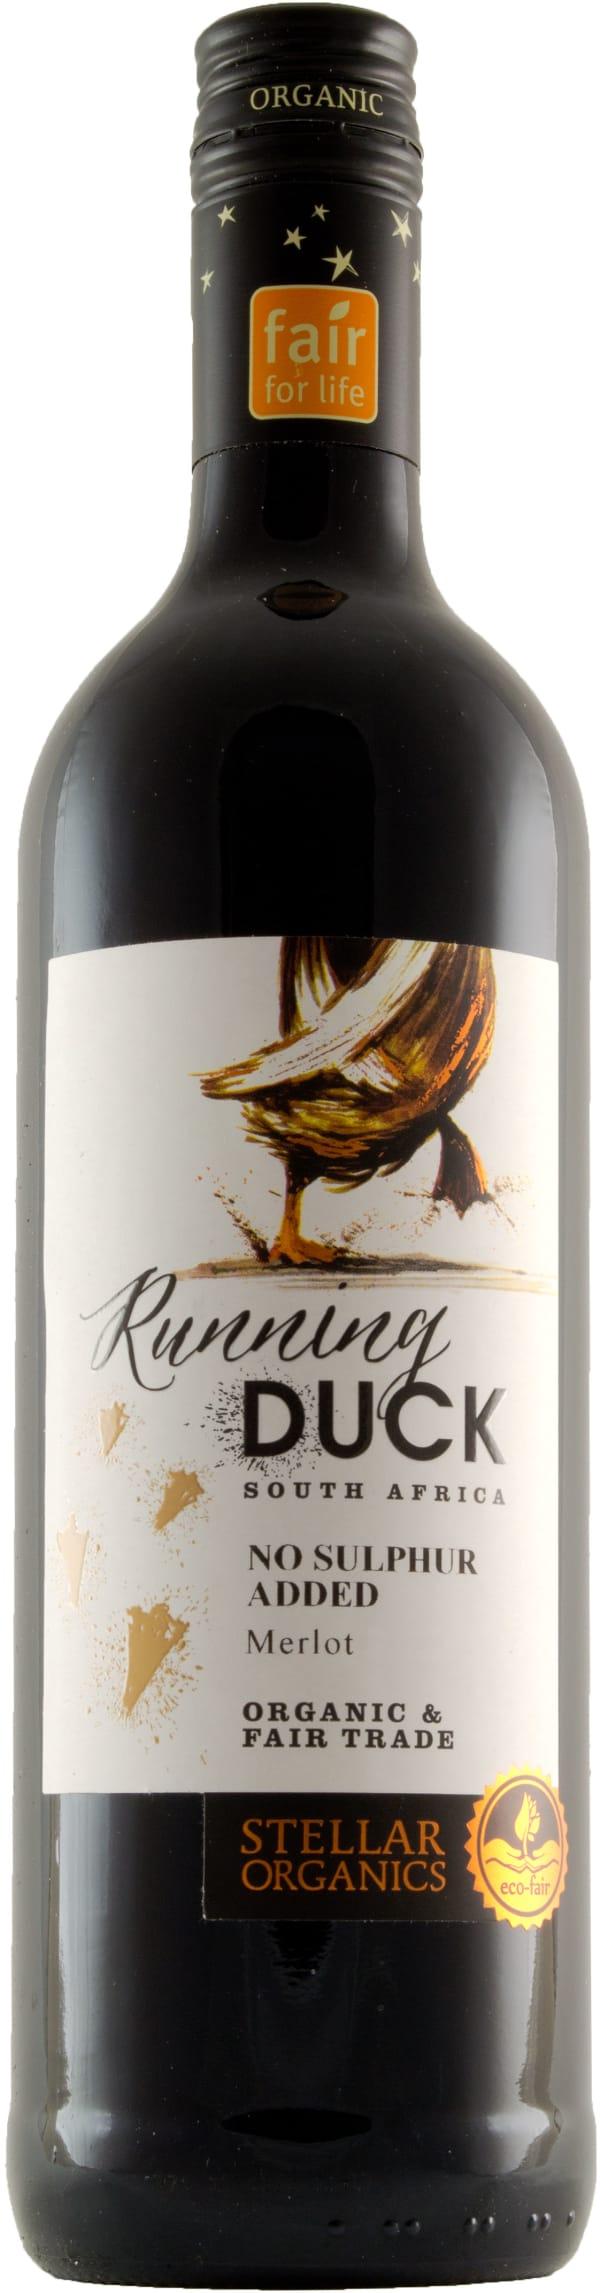 Running Duck Merlot 2016